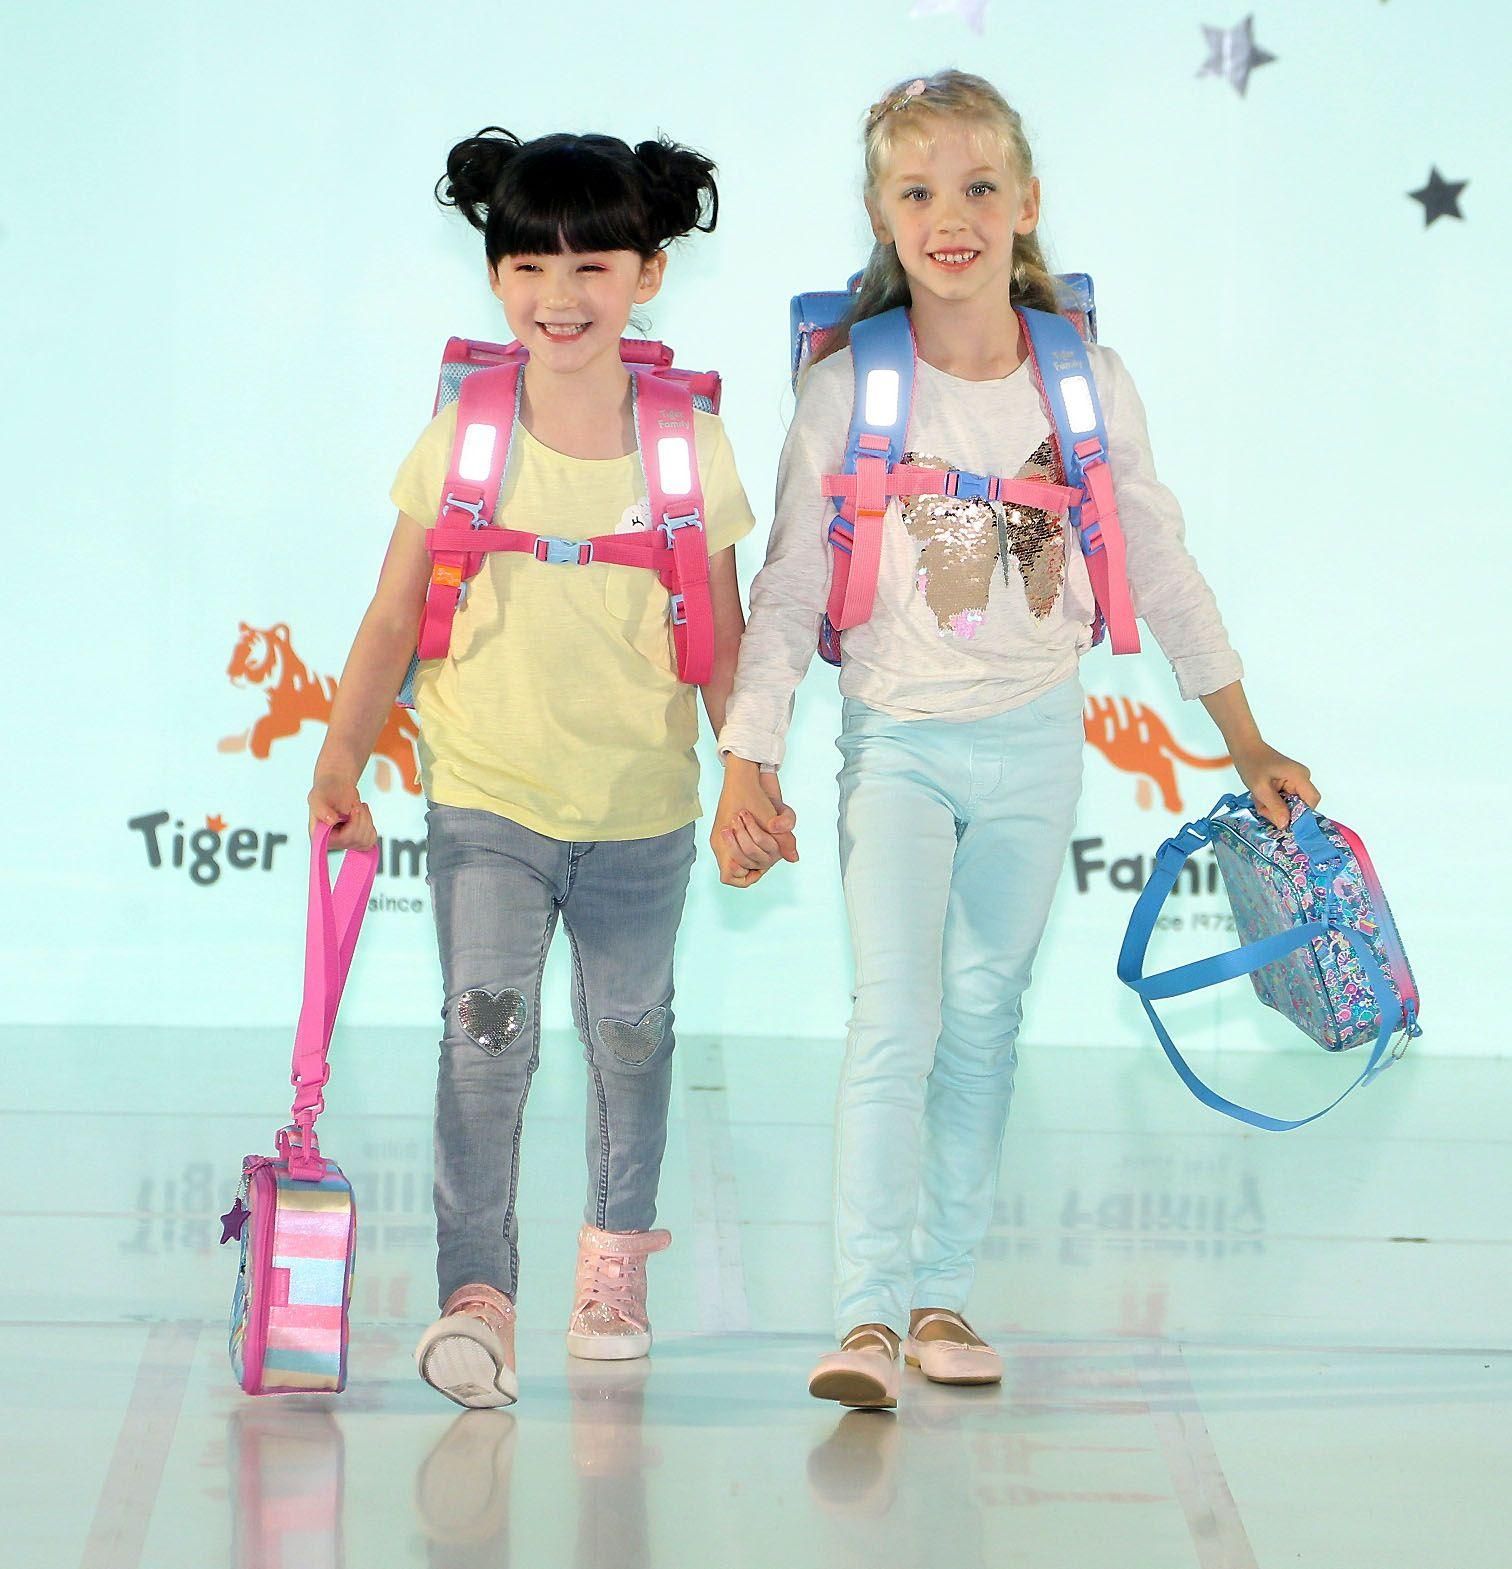 來是世界各國小朋友走書包秀架勢十足超萌的。(記者邱榮吉/攝影)